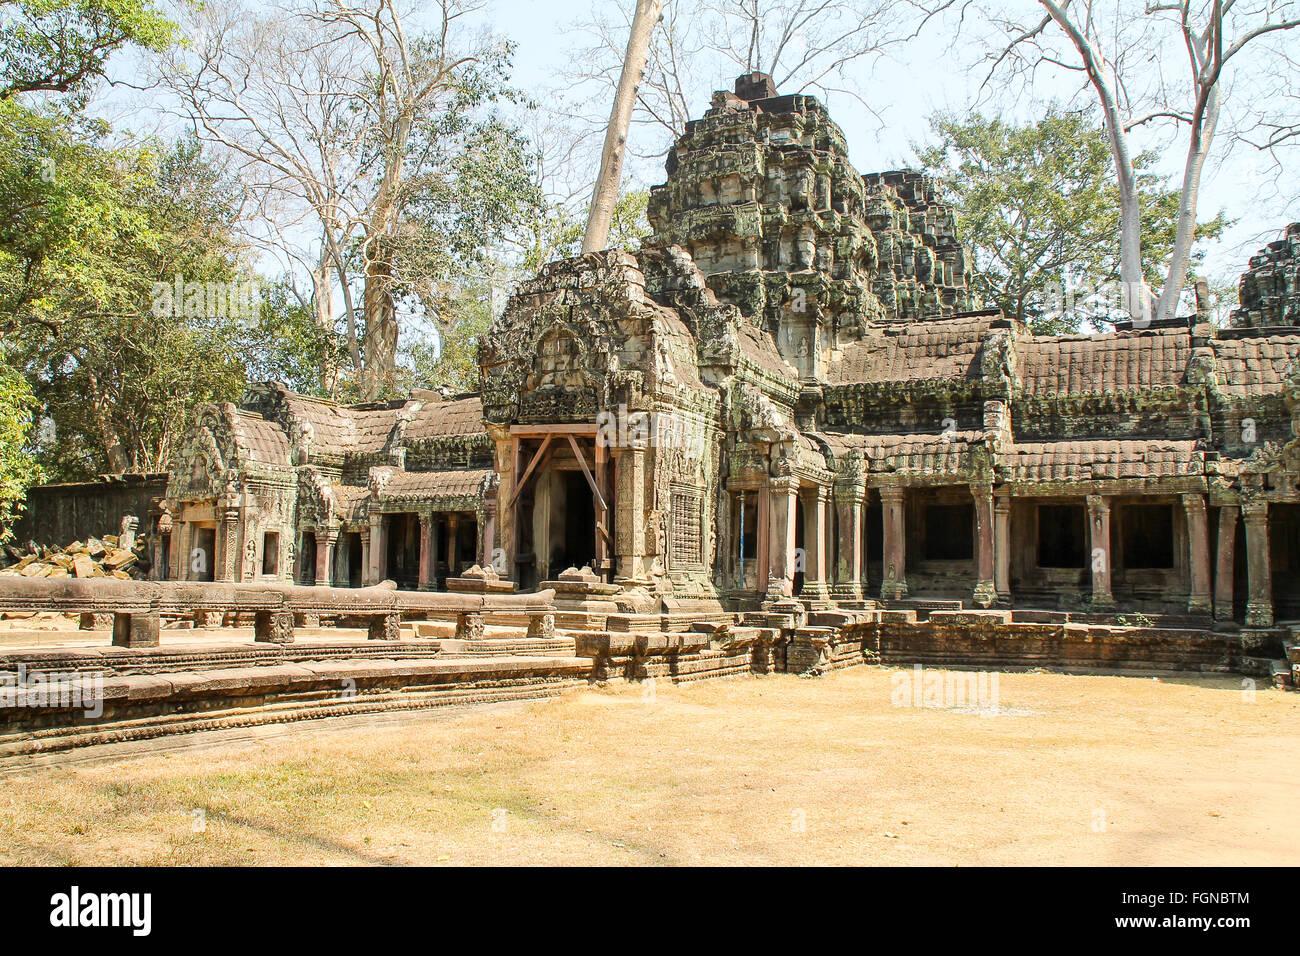 Vue paysage de la structures envahies d'arbres qui traverse le bâtiment à Angkor Wat, Siem Reap Cambodge Photo Stock